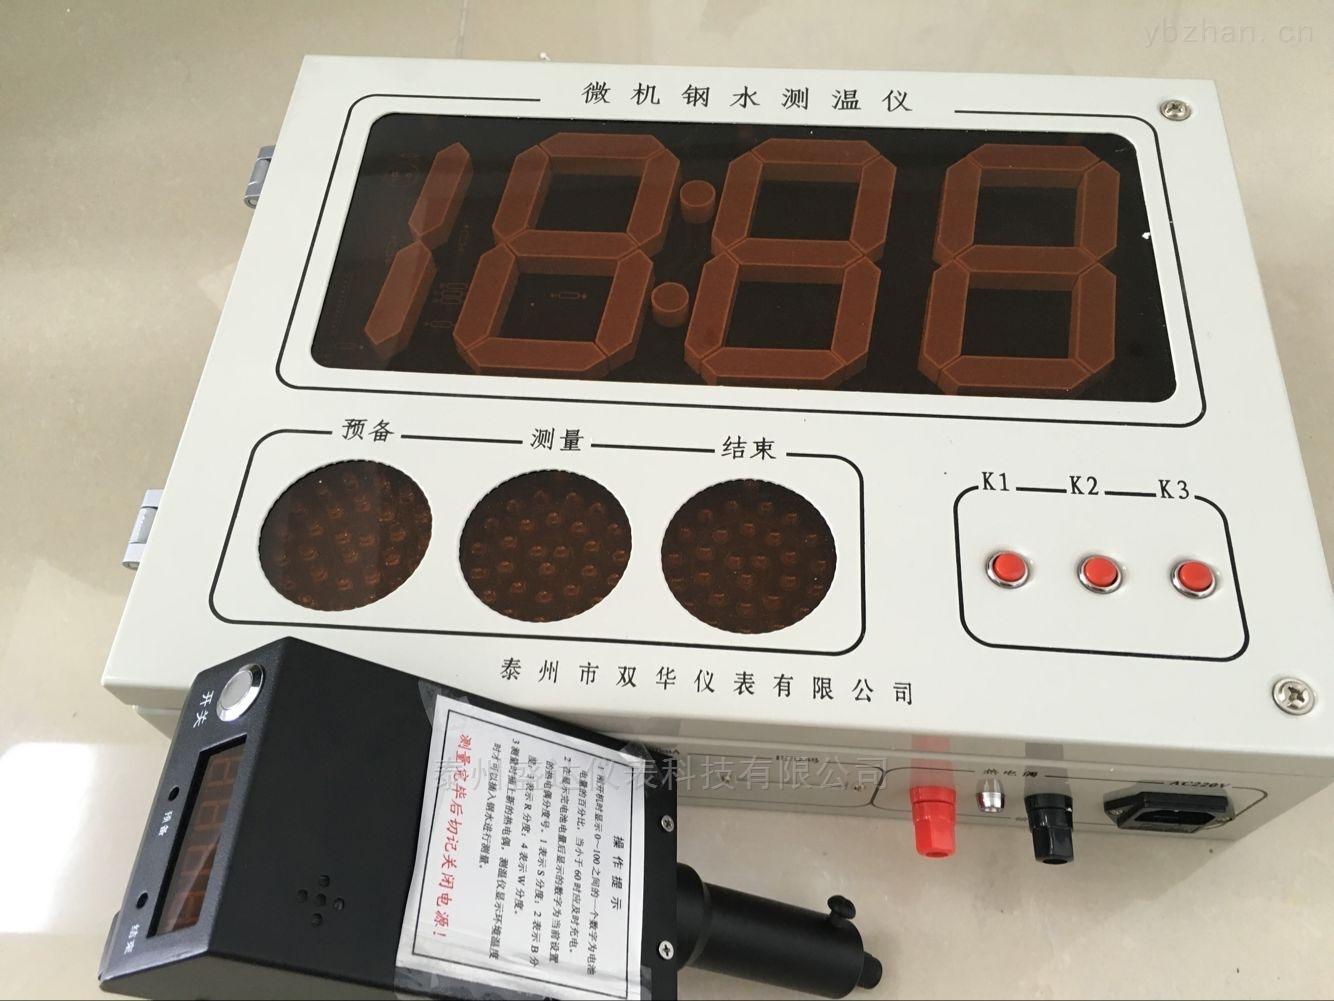 壁挂式大屏幕无线钢水熔炼测温仪KZ-300BGW